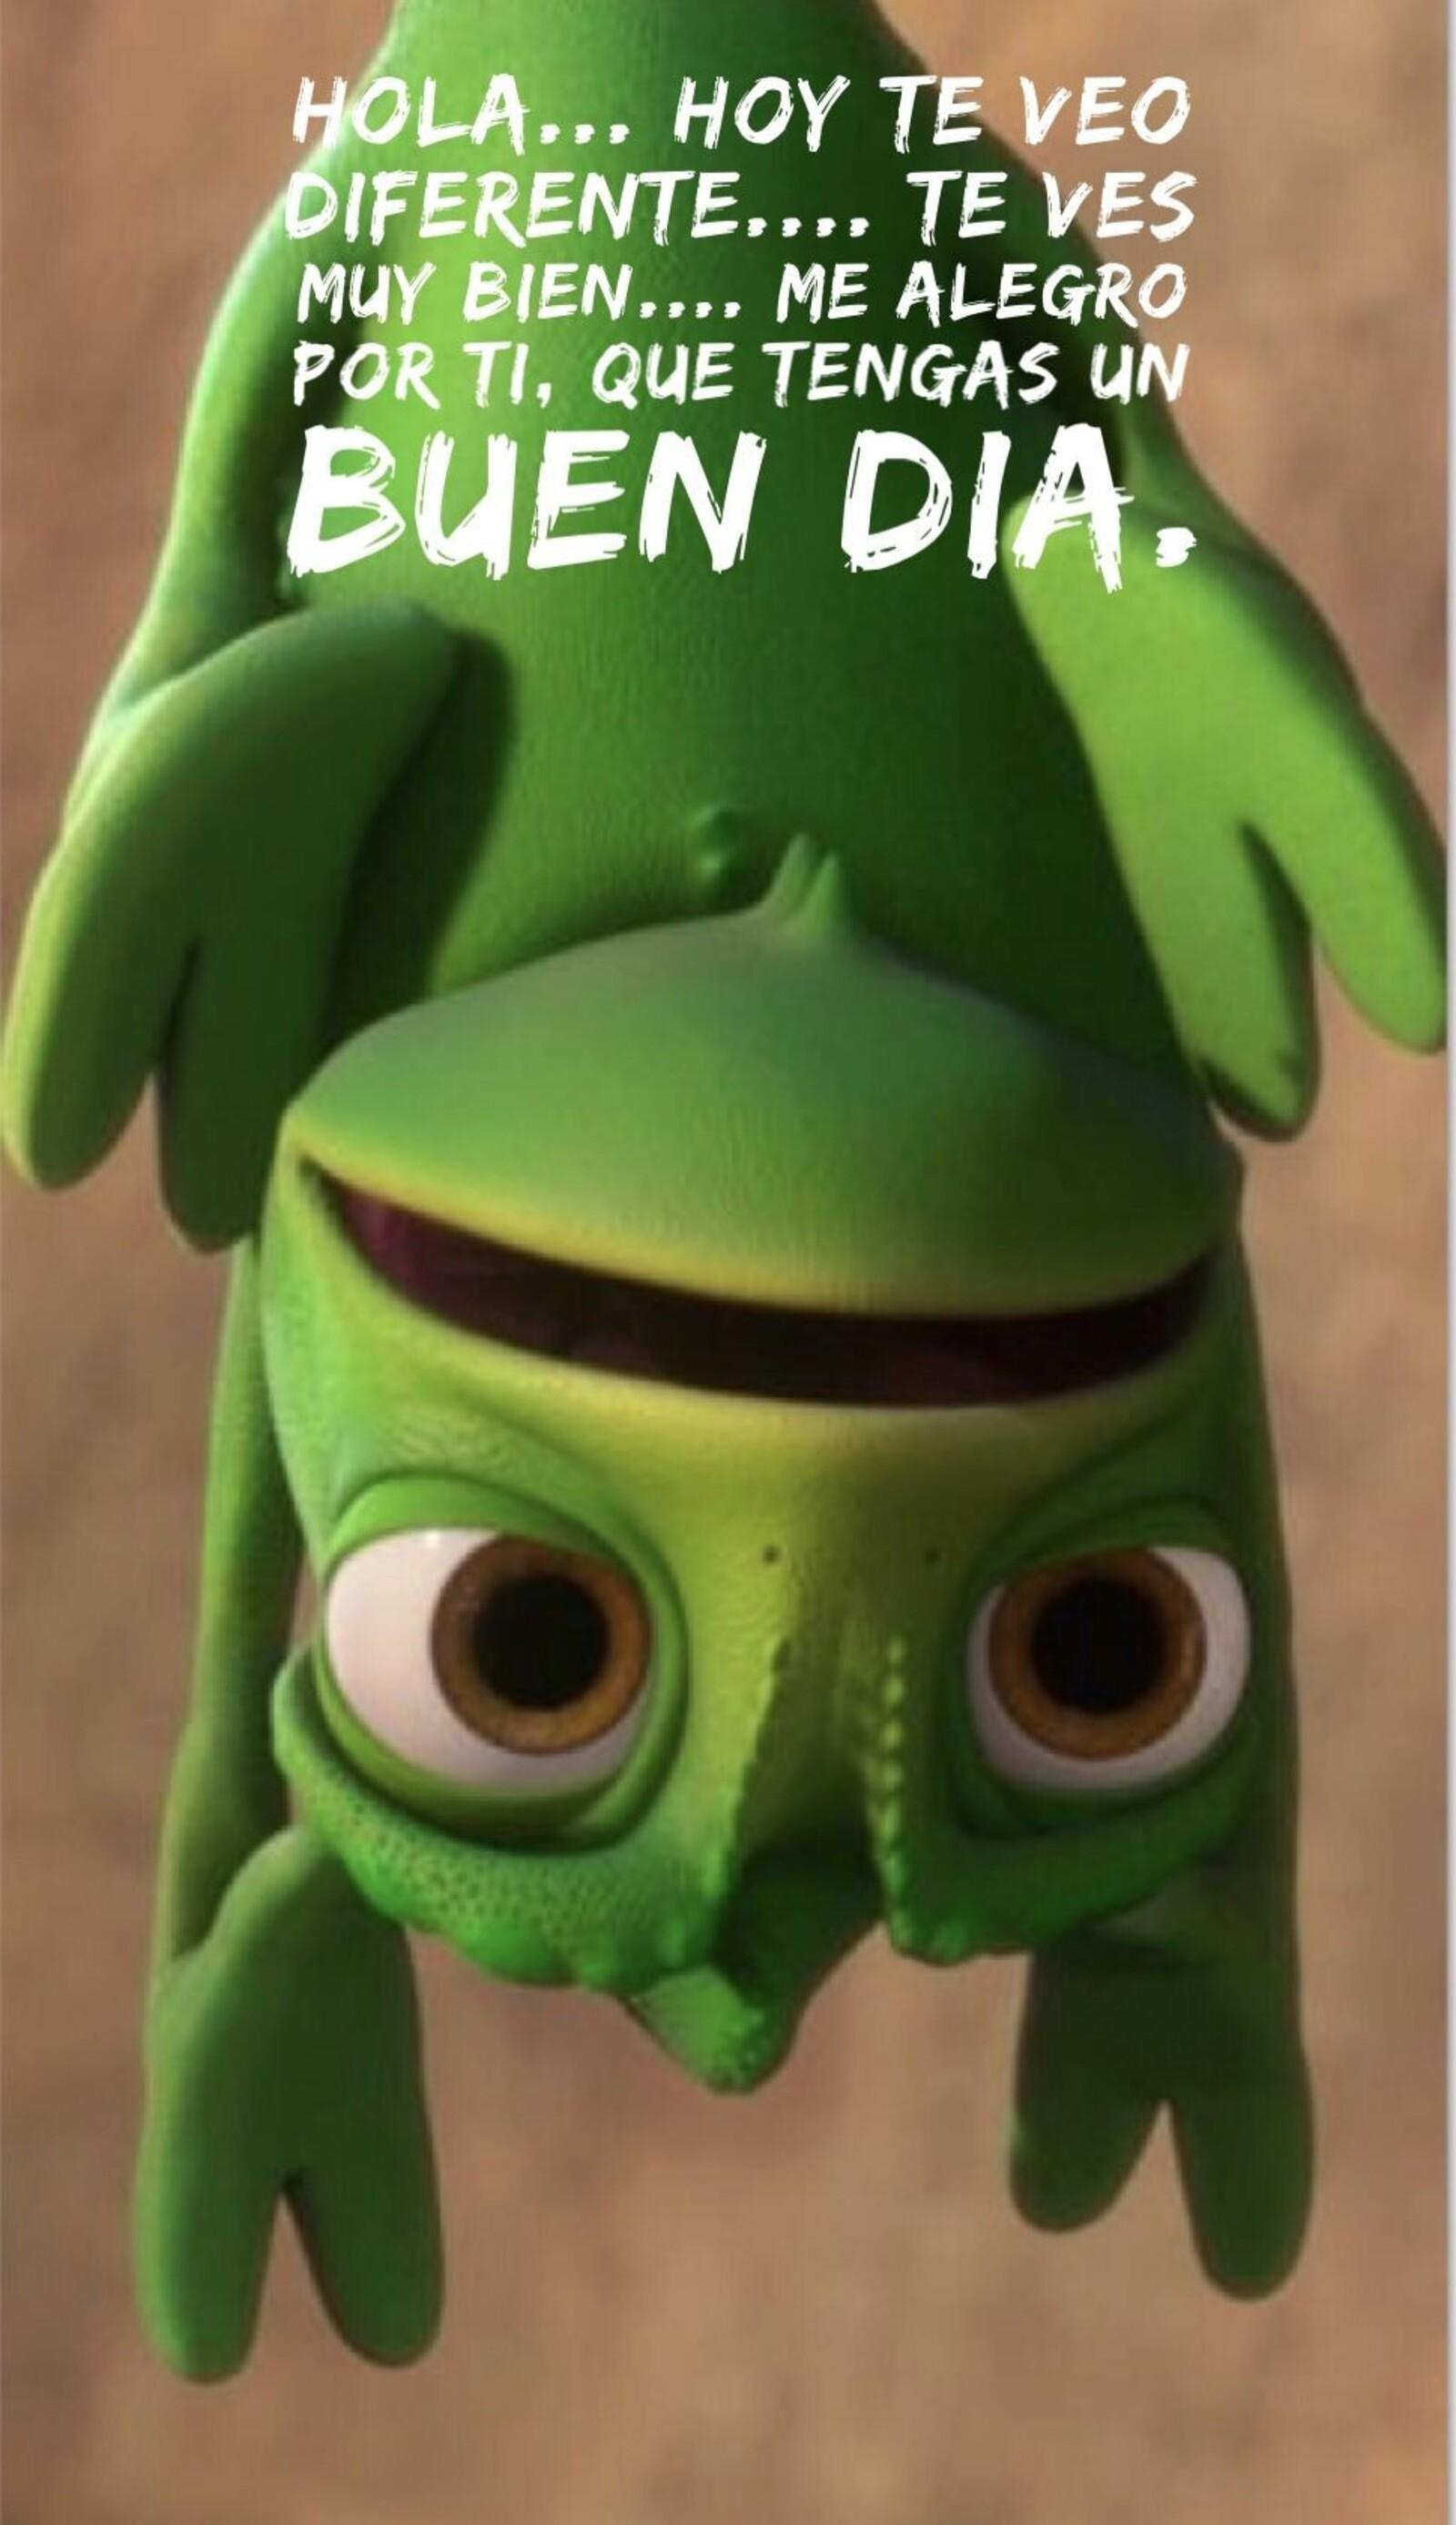 Hola... hoy te veo diferente...te ves muy bien...me alegro por ti, que tengas un buen día